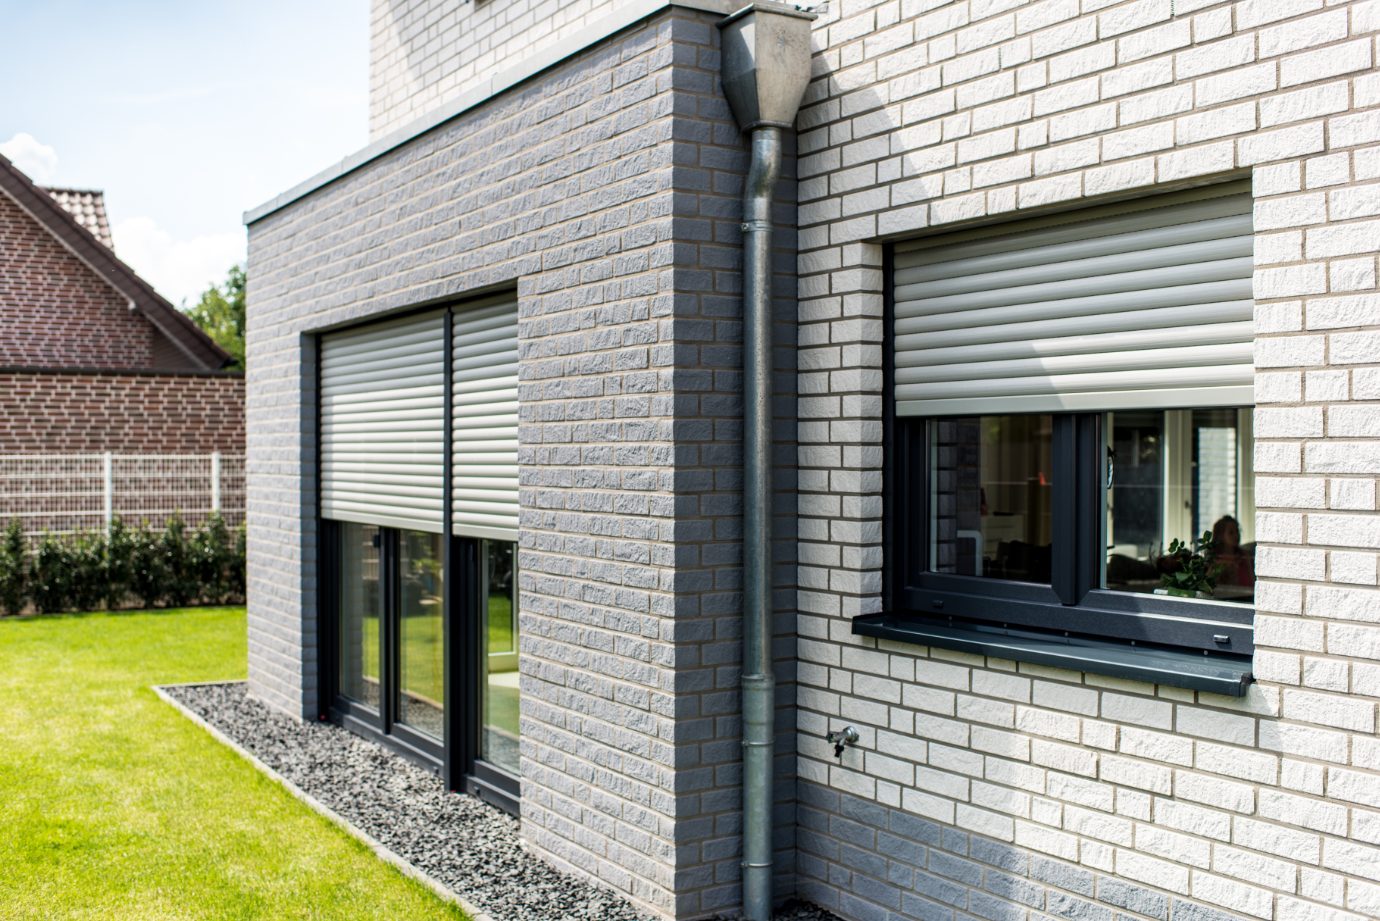 Full Size of Fassade Schallschutz Fenster Weru Folie Rc3 Maße Preise Folien Für Aron Veka Sicherheitsfolie Fenster Fenster Rolladen